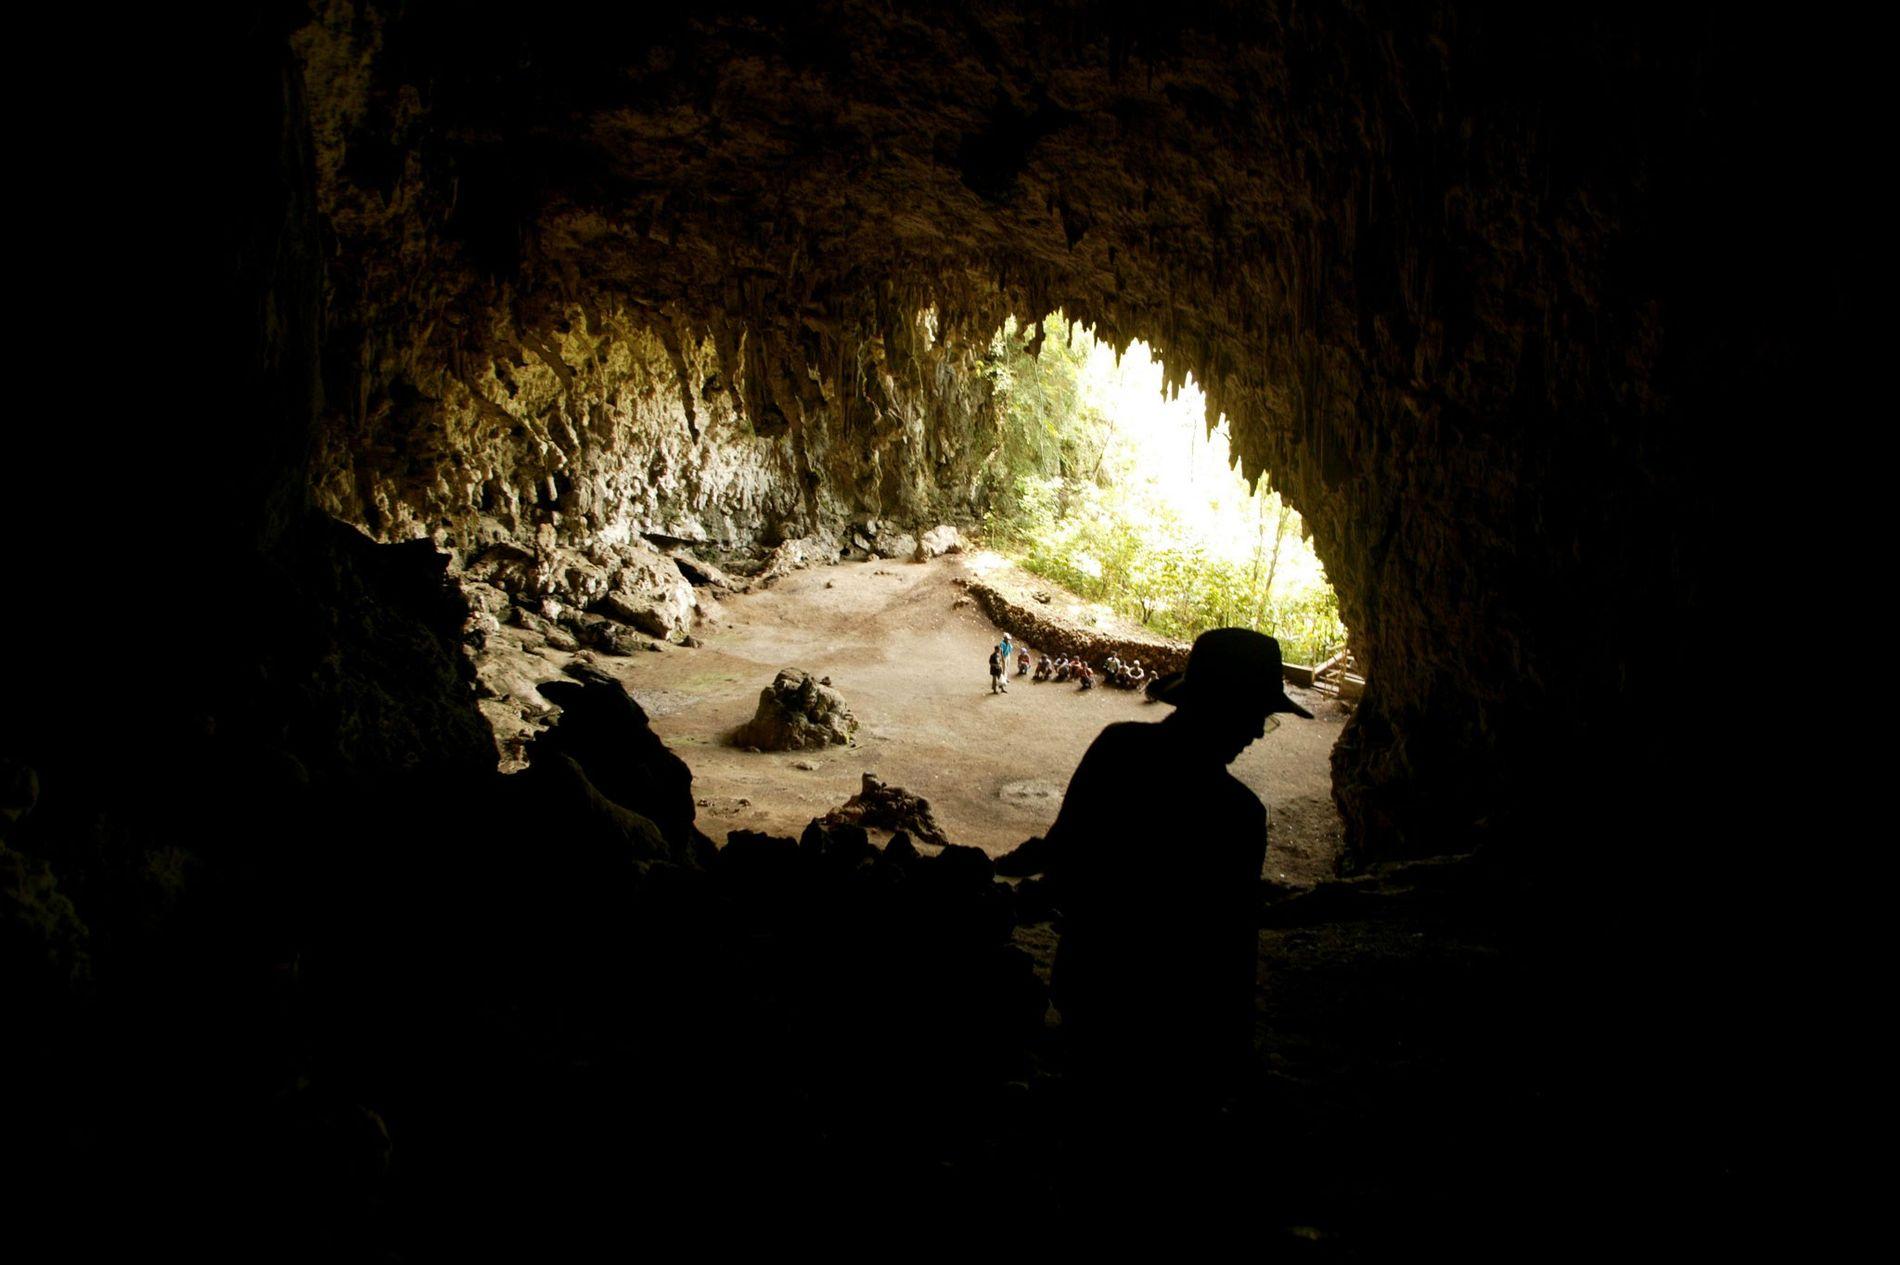 O arqueólogo Douglas Hobbs explora a gruta em Liang Bua.